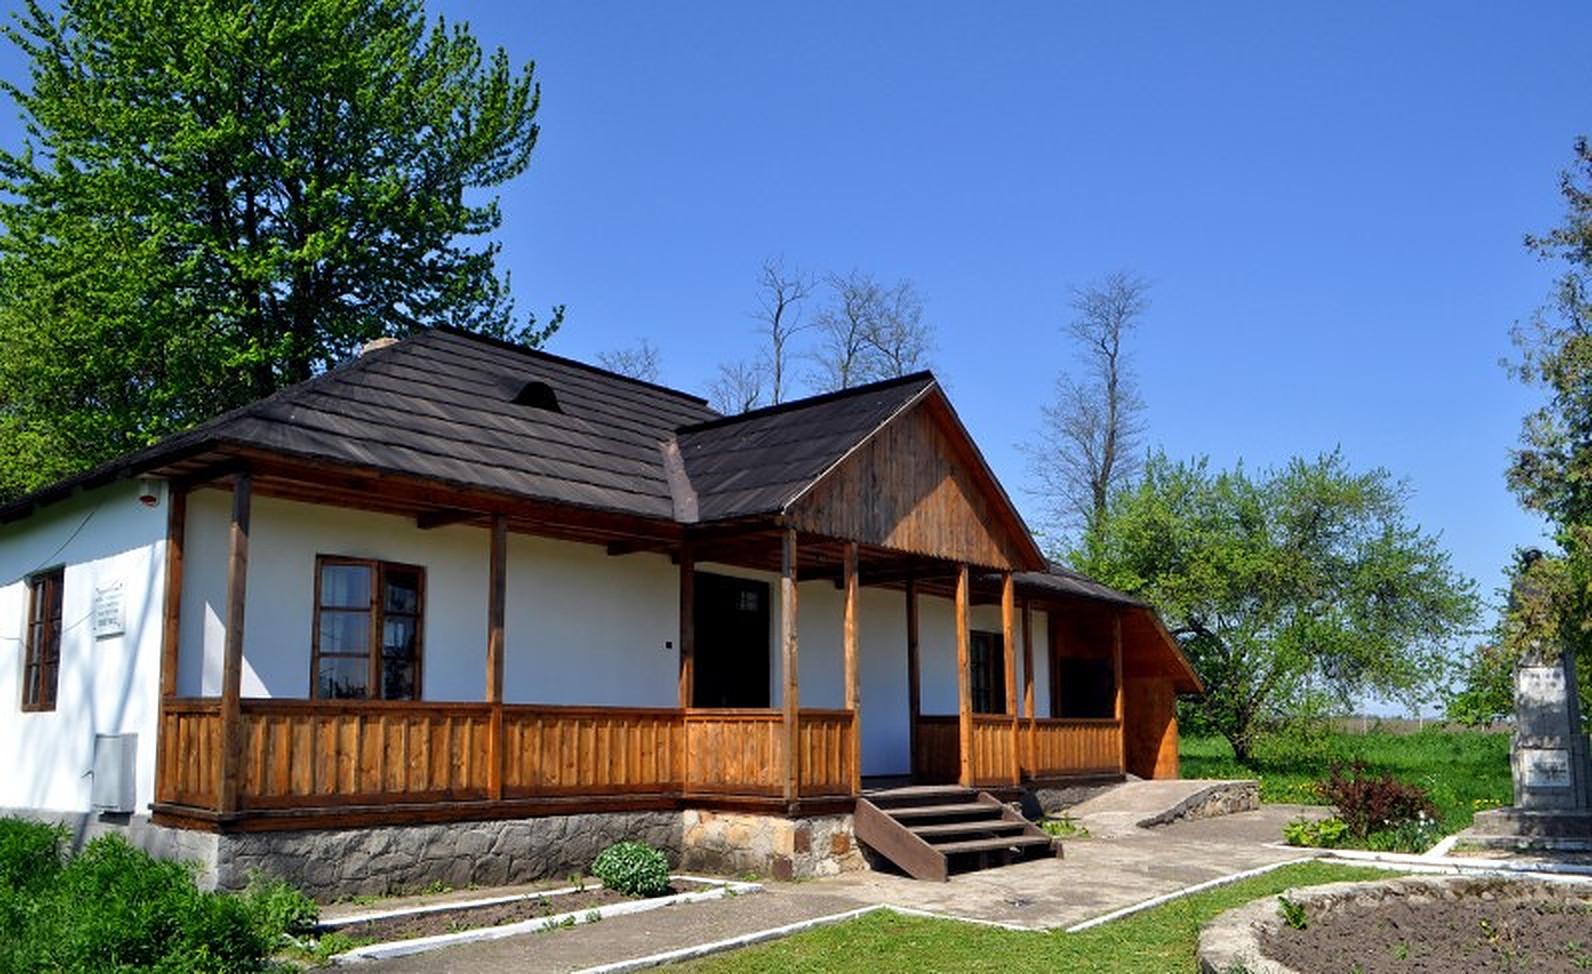 Tur virtual. 28 de muzee din satele Moldovei vor putea fi vizitate online